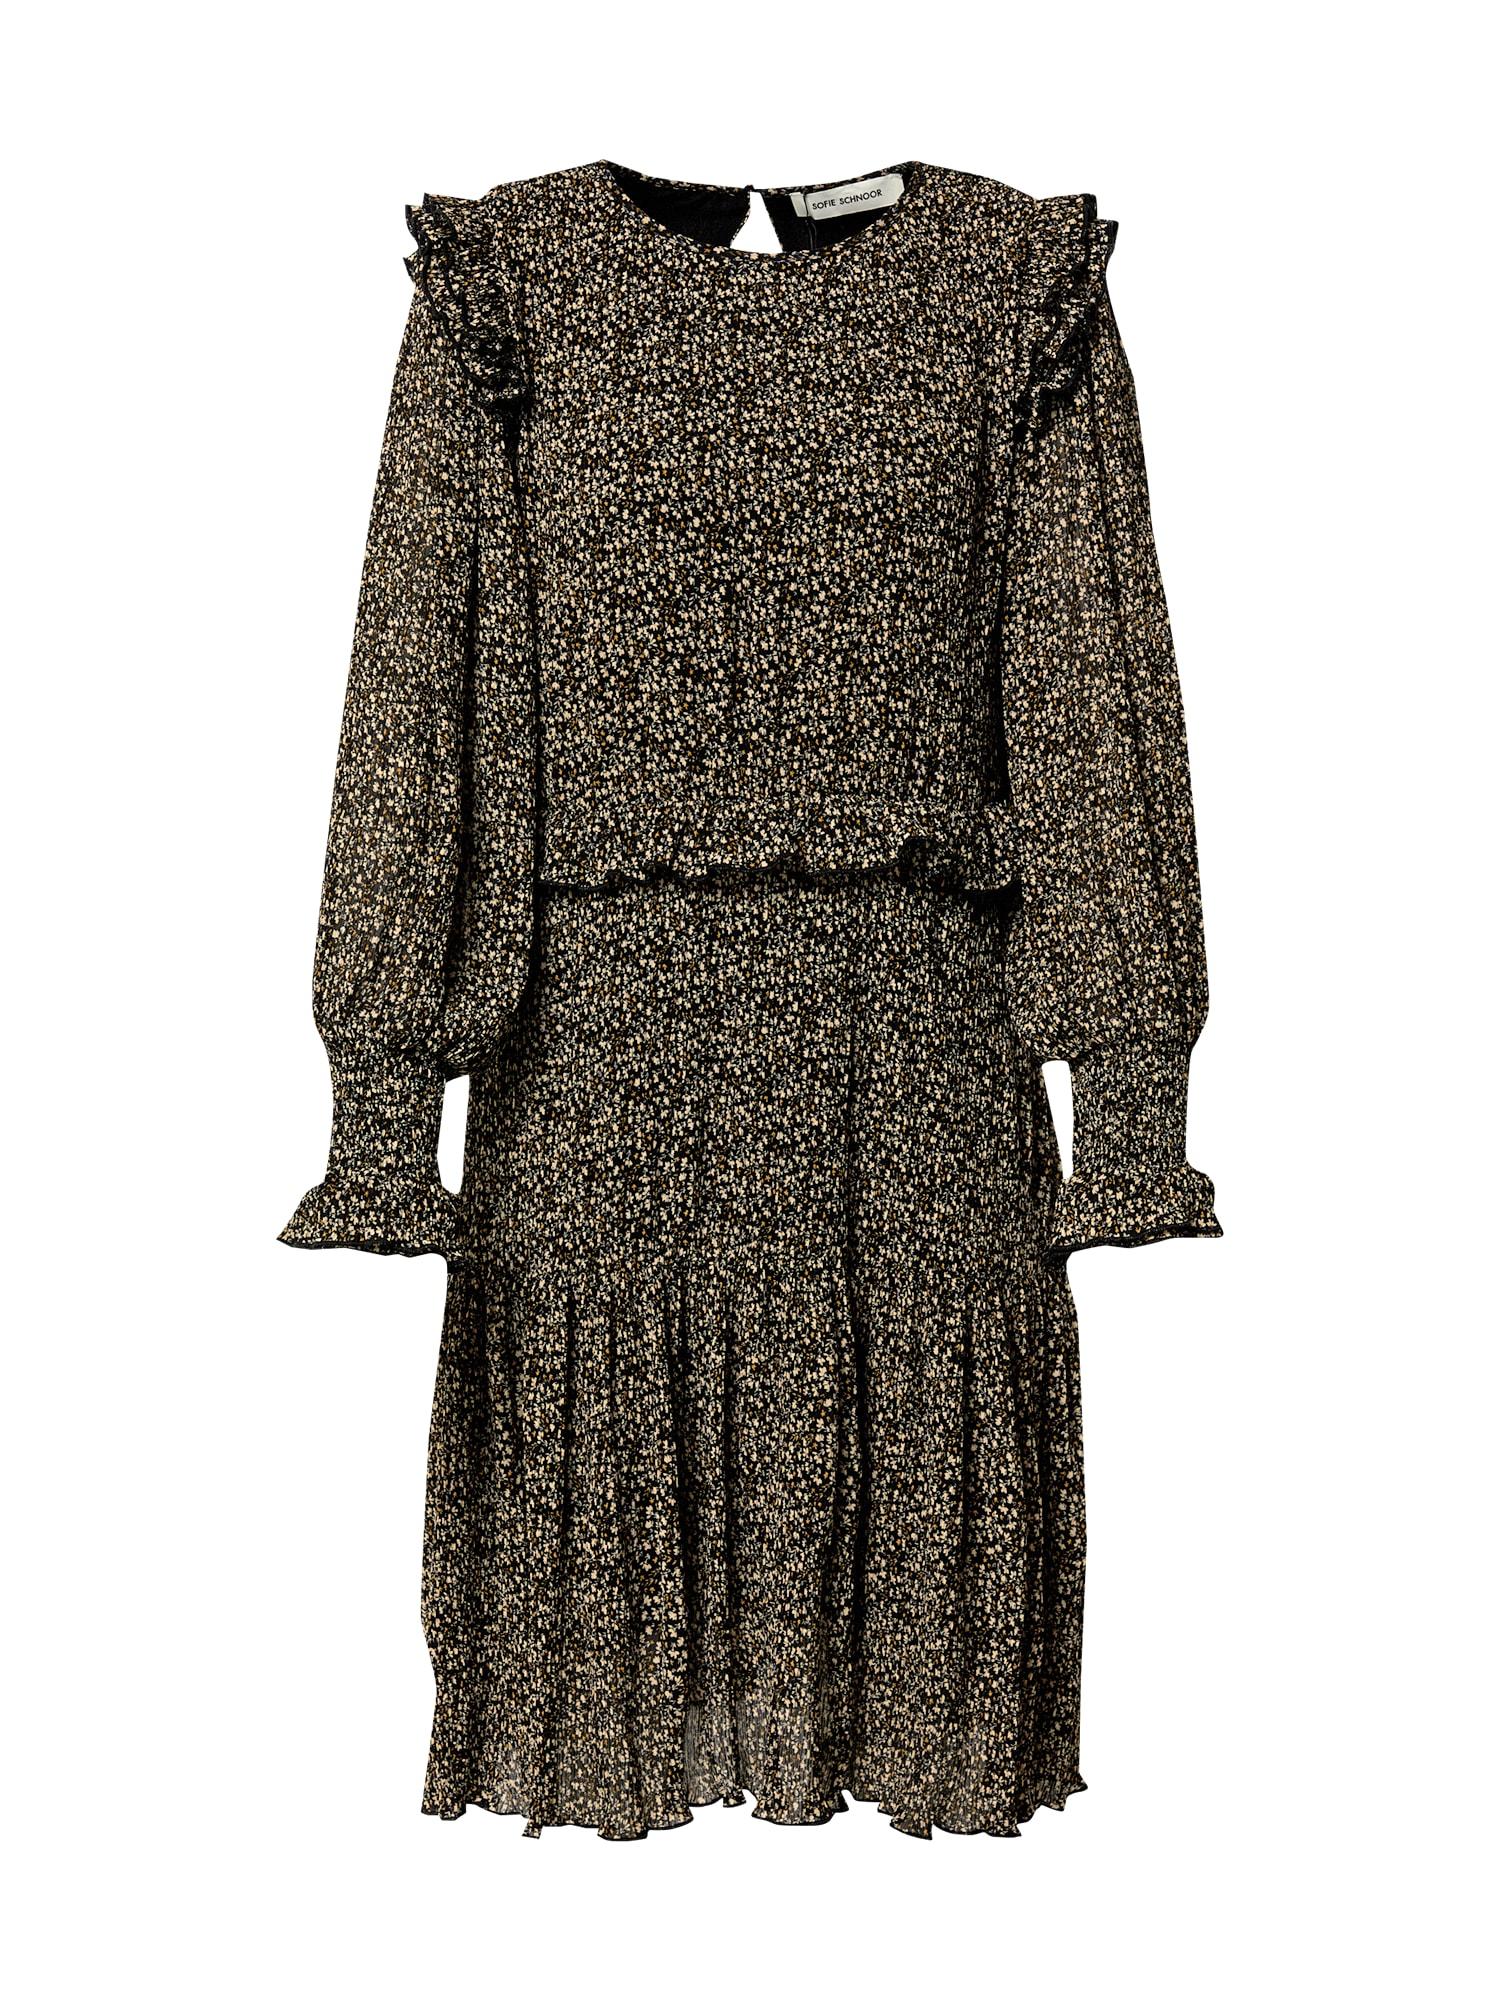 Sofie Schnoor Palaidinės tipo suknelė juoda / aukso geltonumo spalva / glaisto spalva / smaragdinė spalva